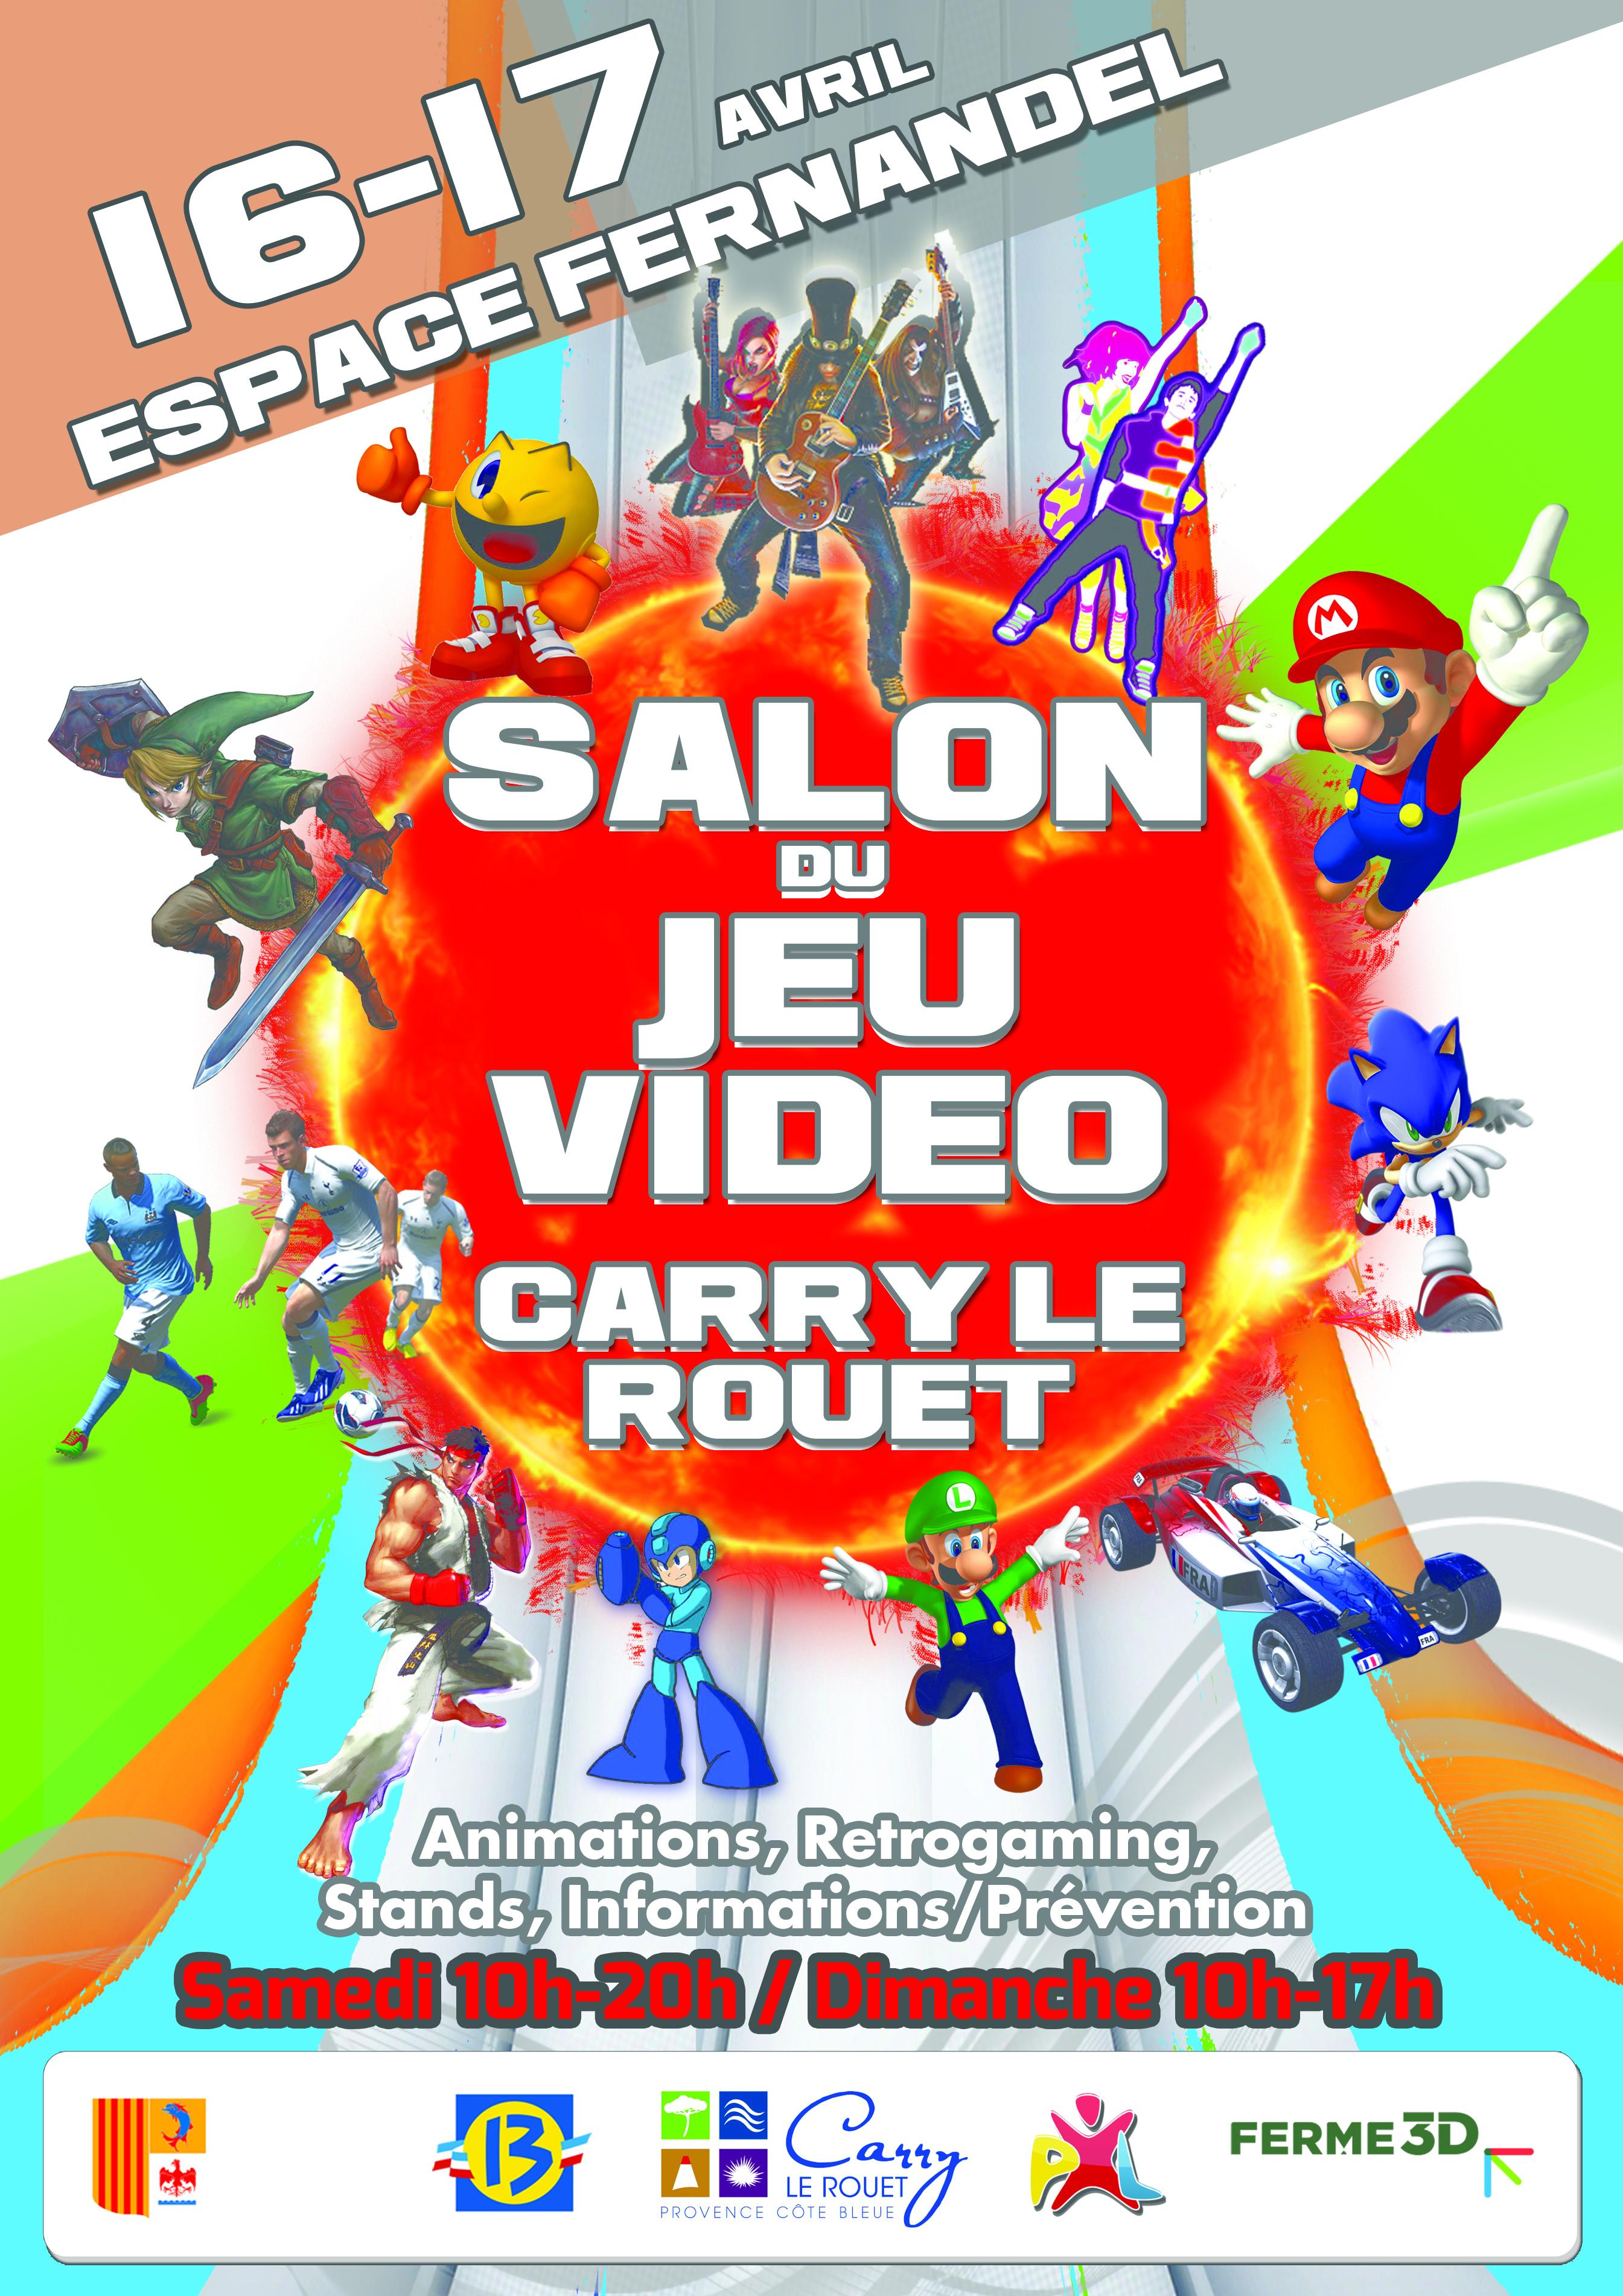 Salon du jeu vid o carry le rouet for Salon jeu video paris